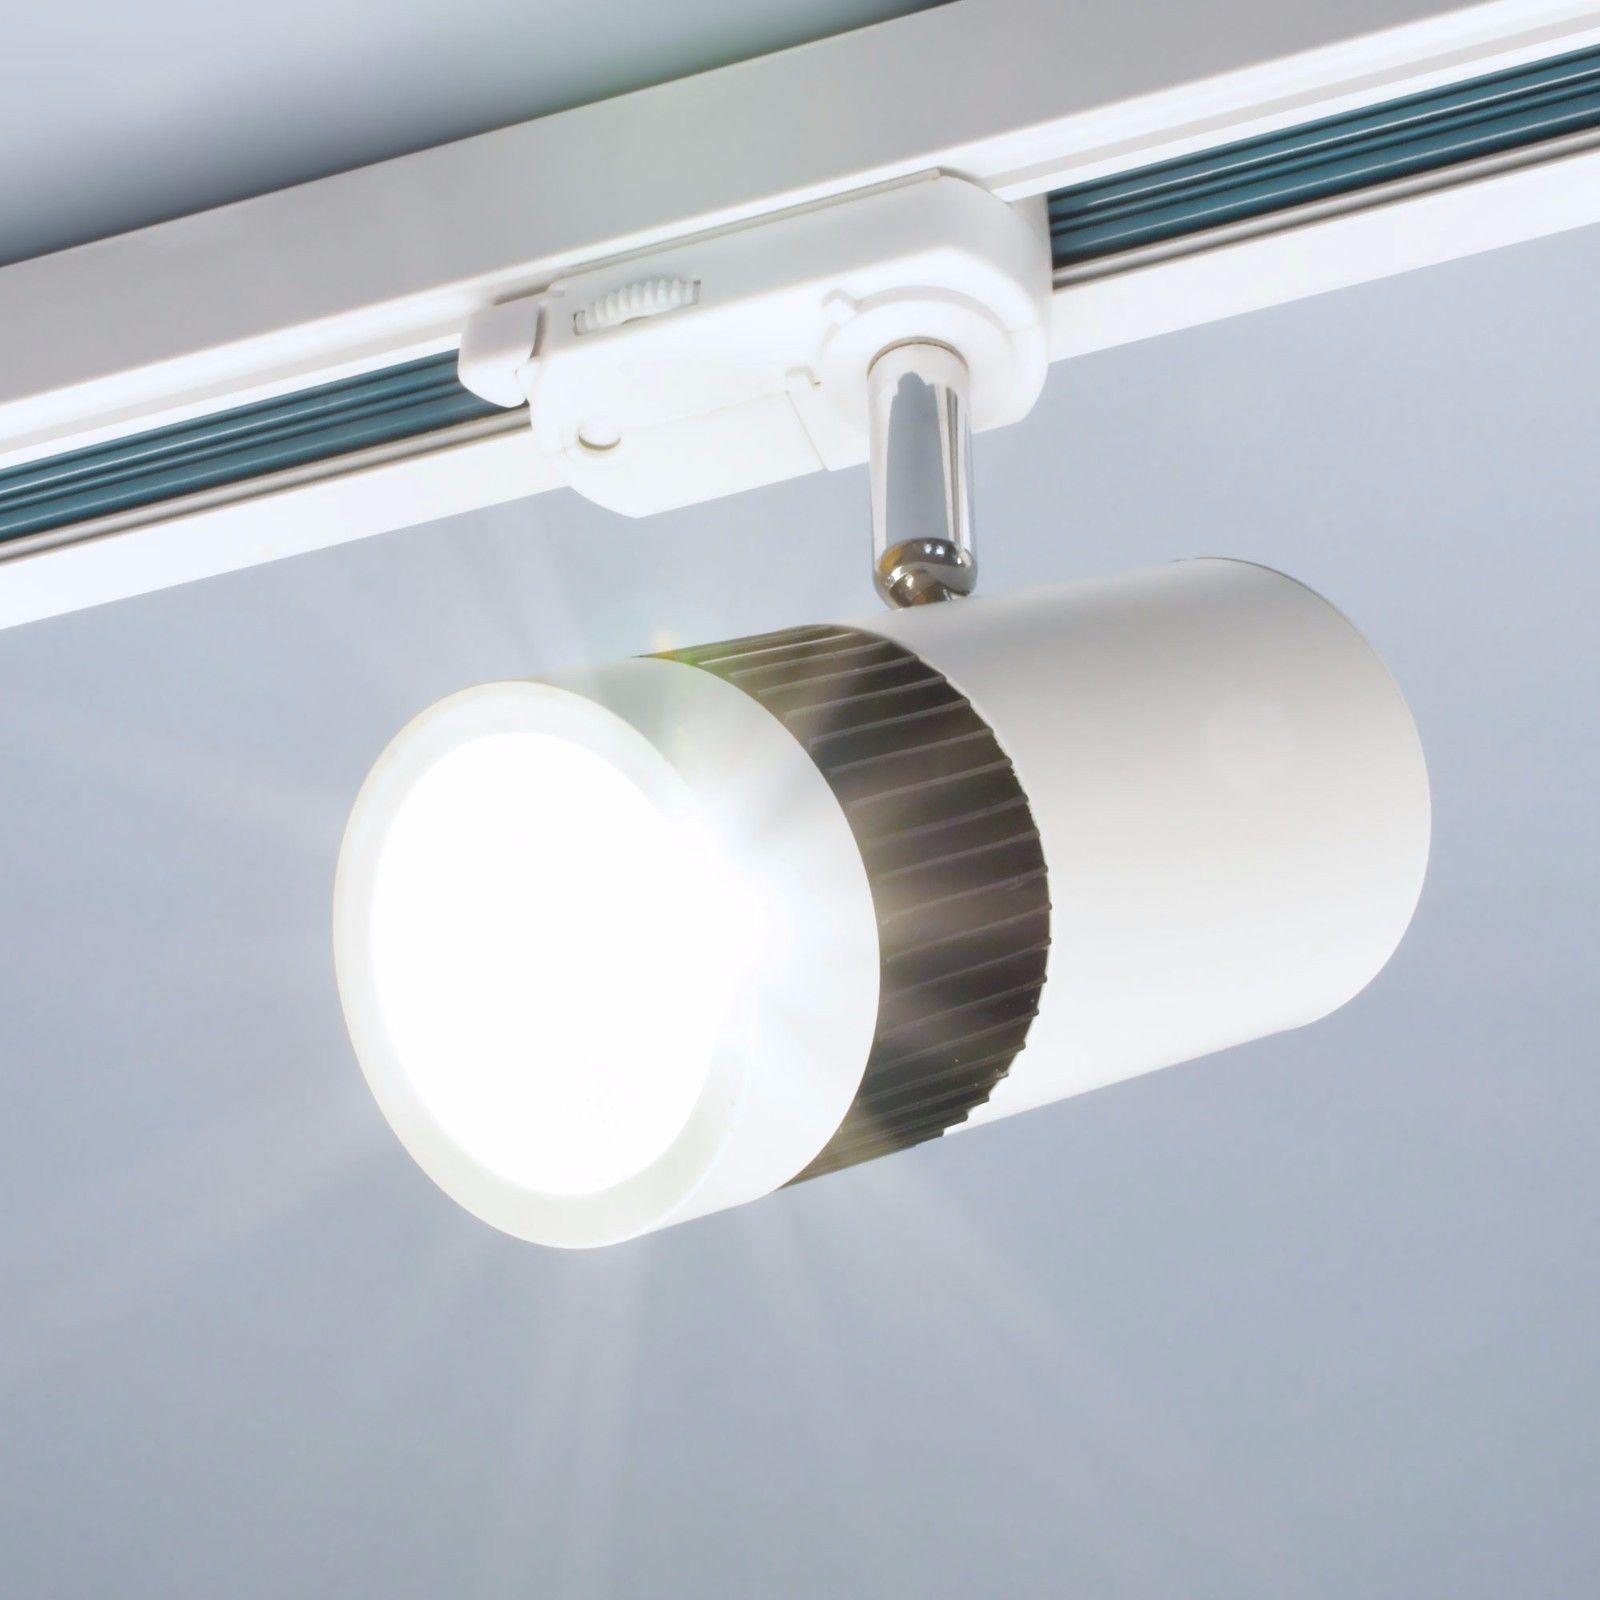 Led Schienensystem Burolicht Spot Strahler Deckenleuchte Tracklight Deckenlampe Ebay Led Schienensystem Deckenlampe Strahler